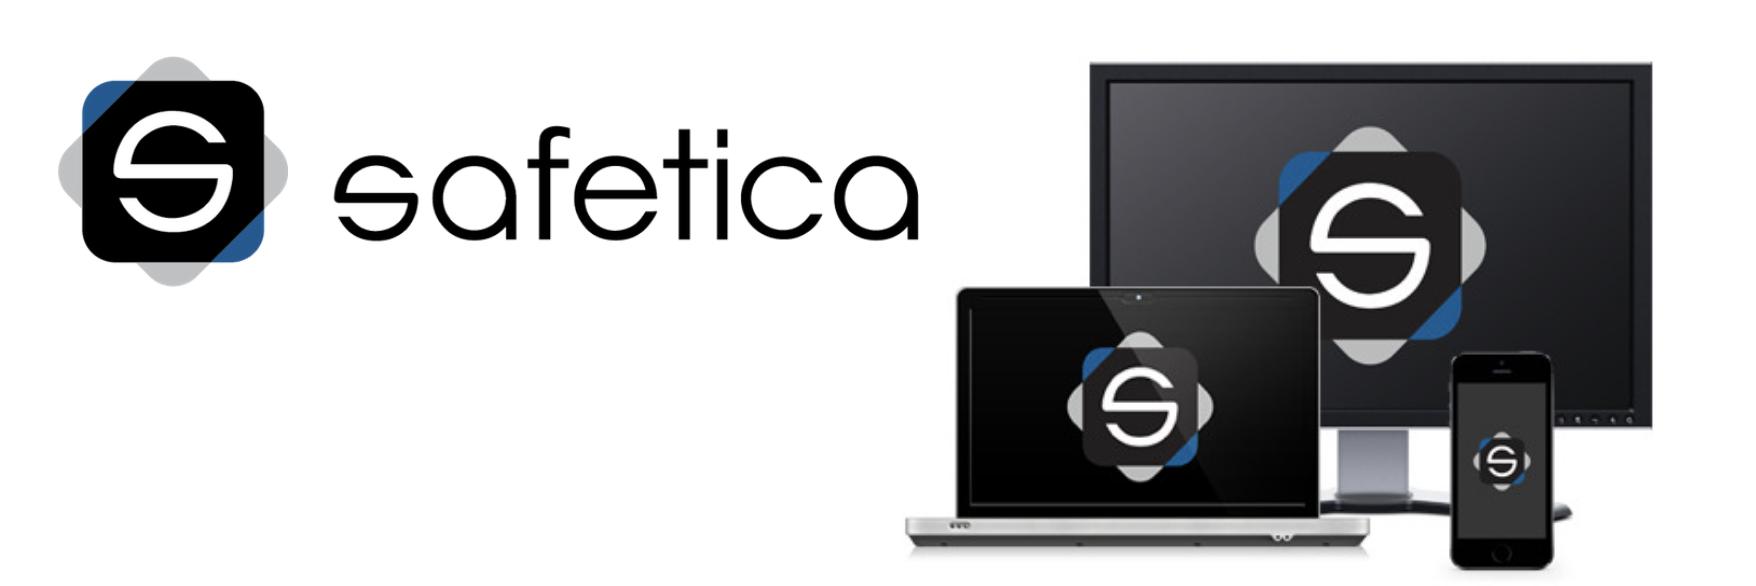 safetica - Darmowy pakiet bezpieczeństwa doochrony sieci - netcomplex